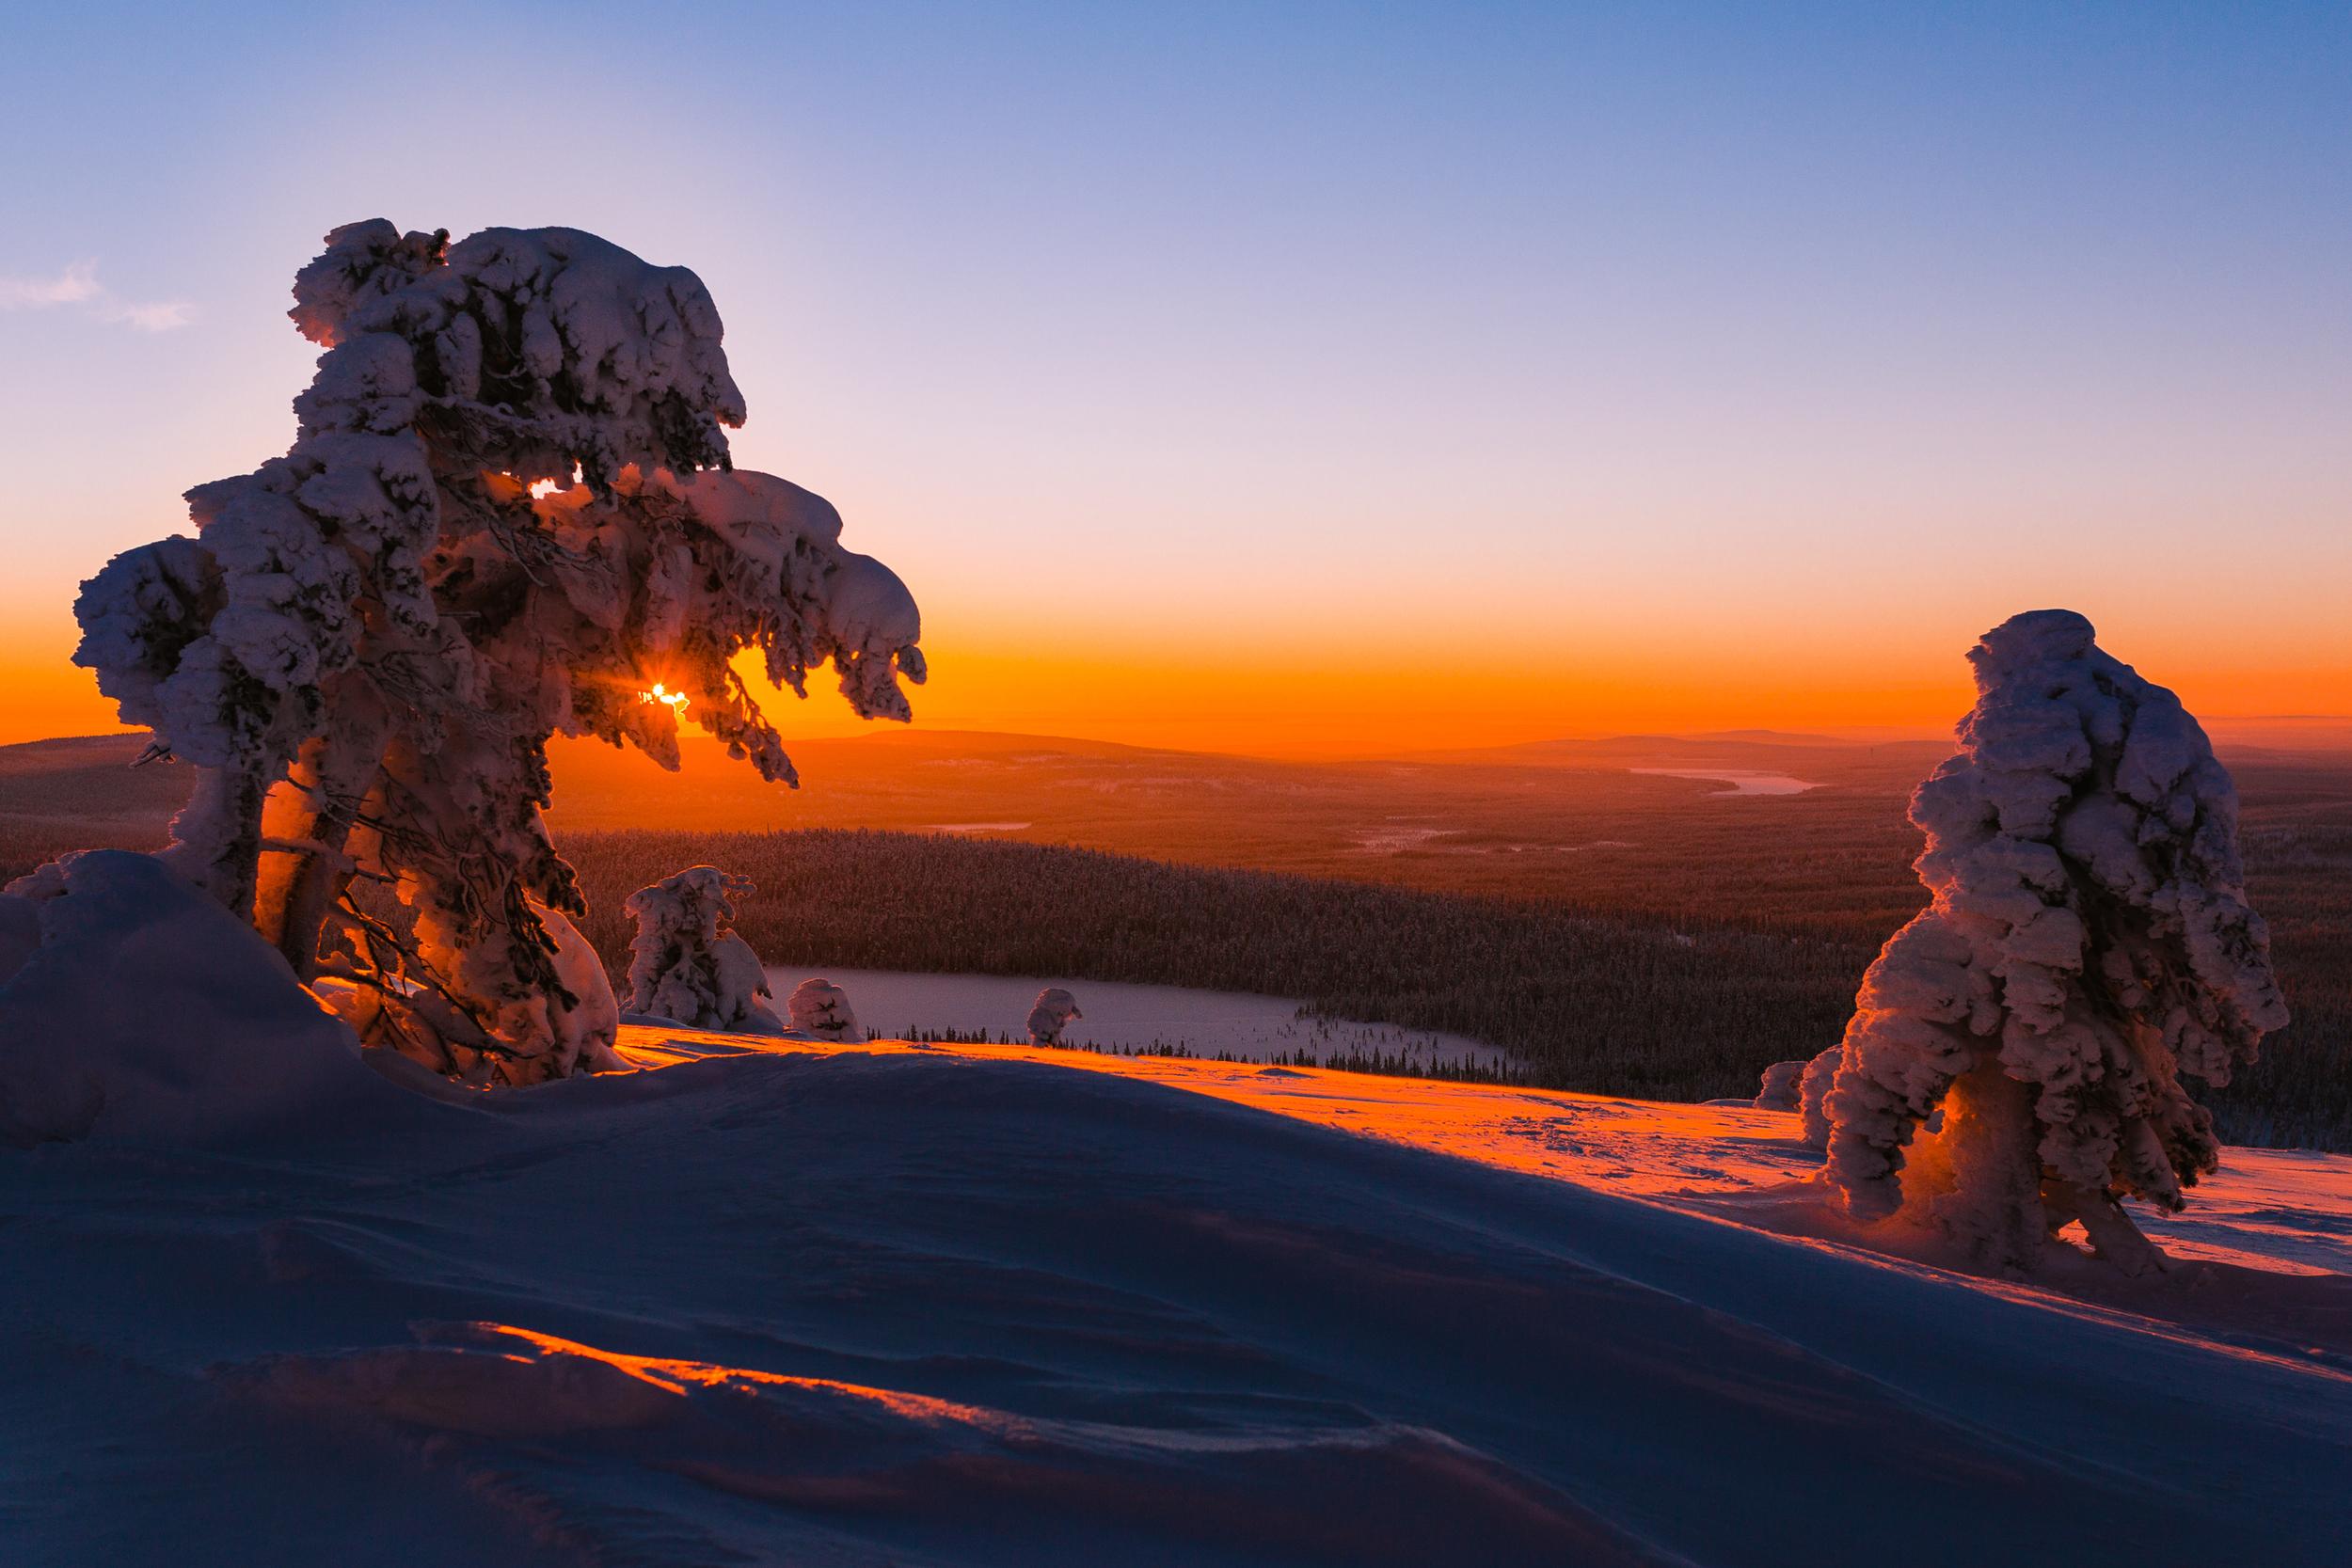 Sunset in Lapland